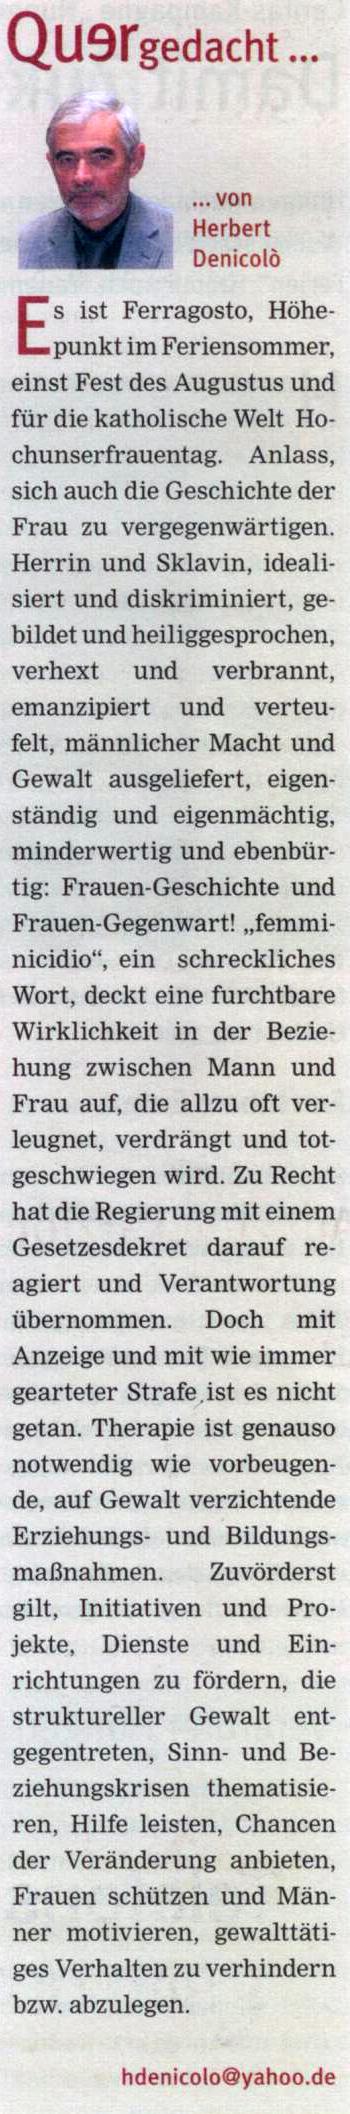 Quelle: Katholisches Sonntagsblatt, Nr. 33/34 vom 18./25.08.13